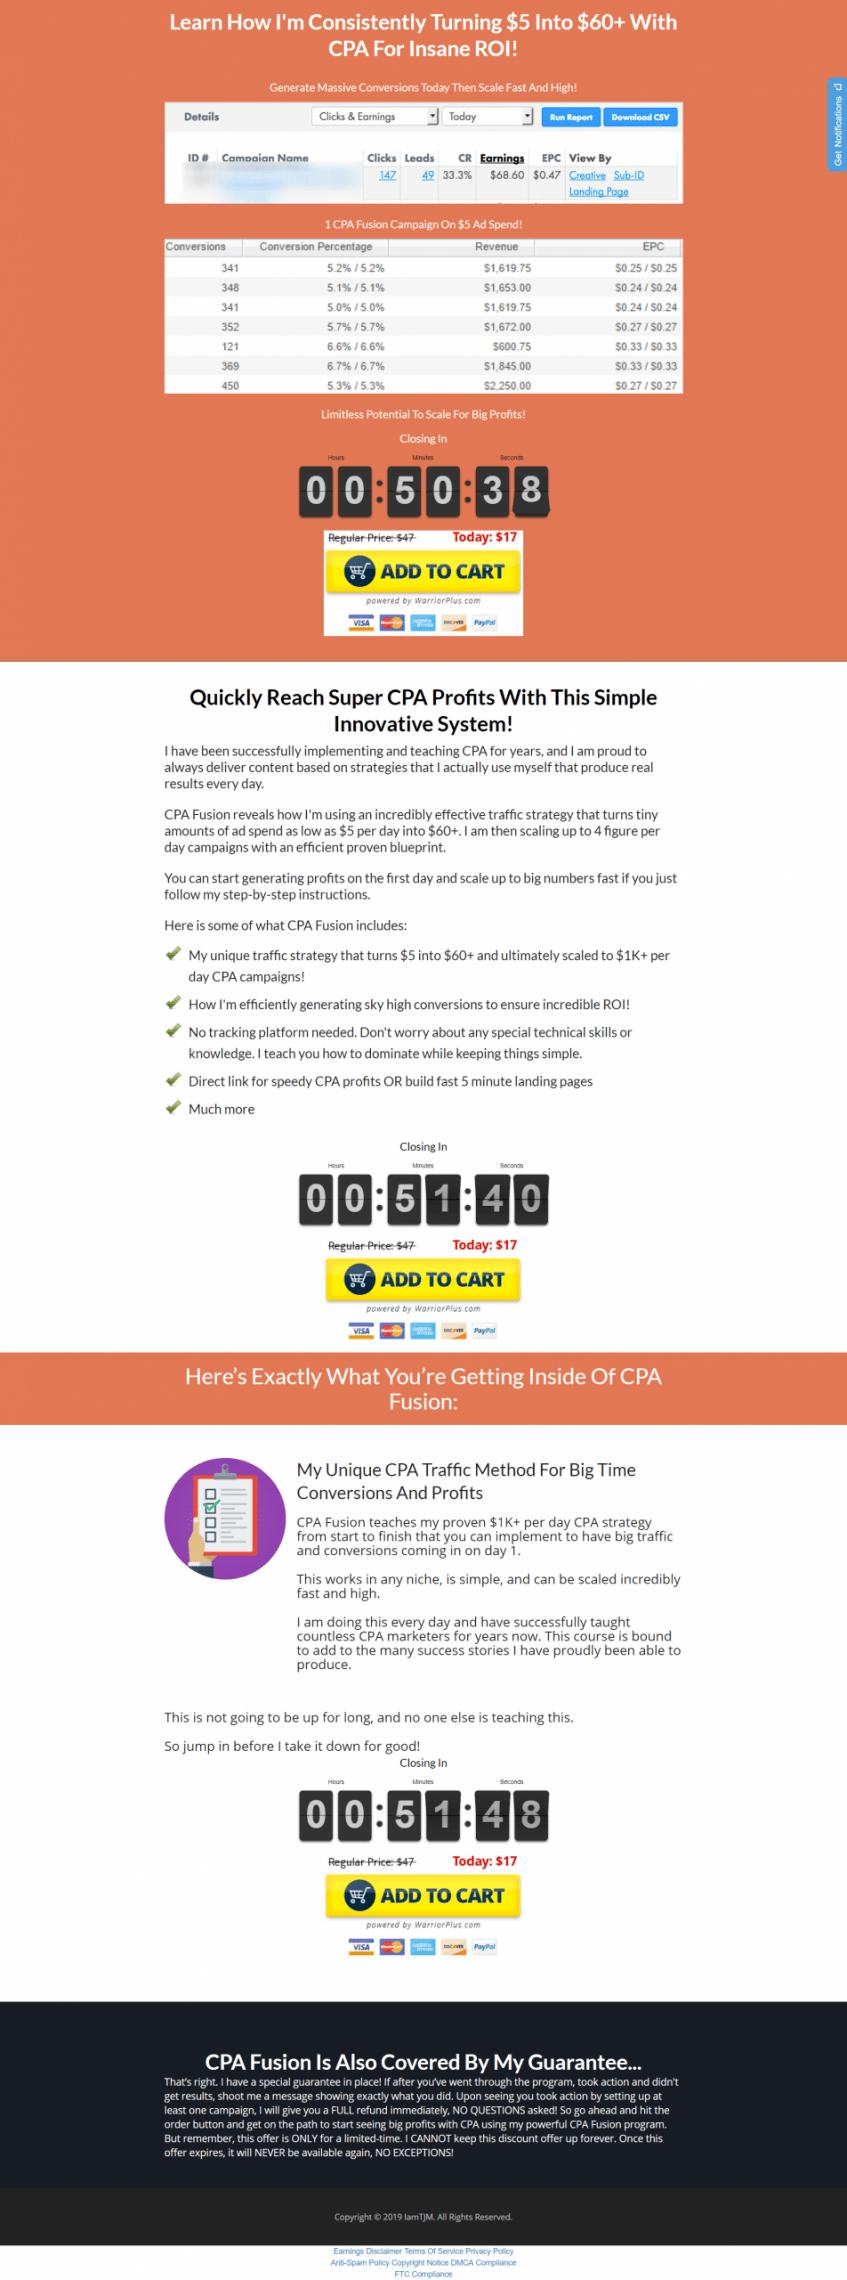 了解我是如何持续地把$5美元变成$60美元+以上的! CPA - 疯狂的投资回报率。(CPA Fusion)